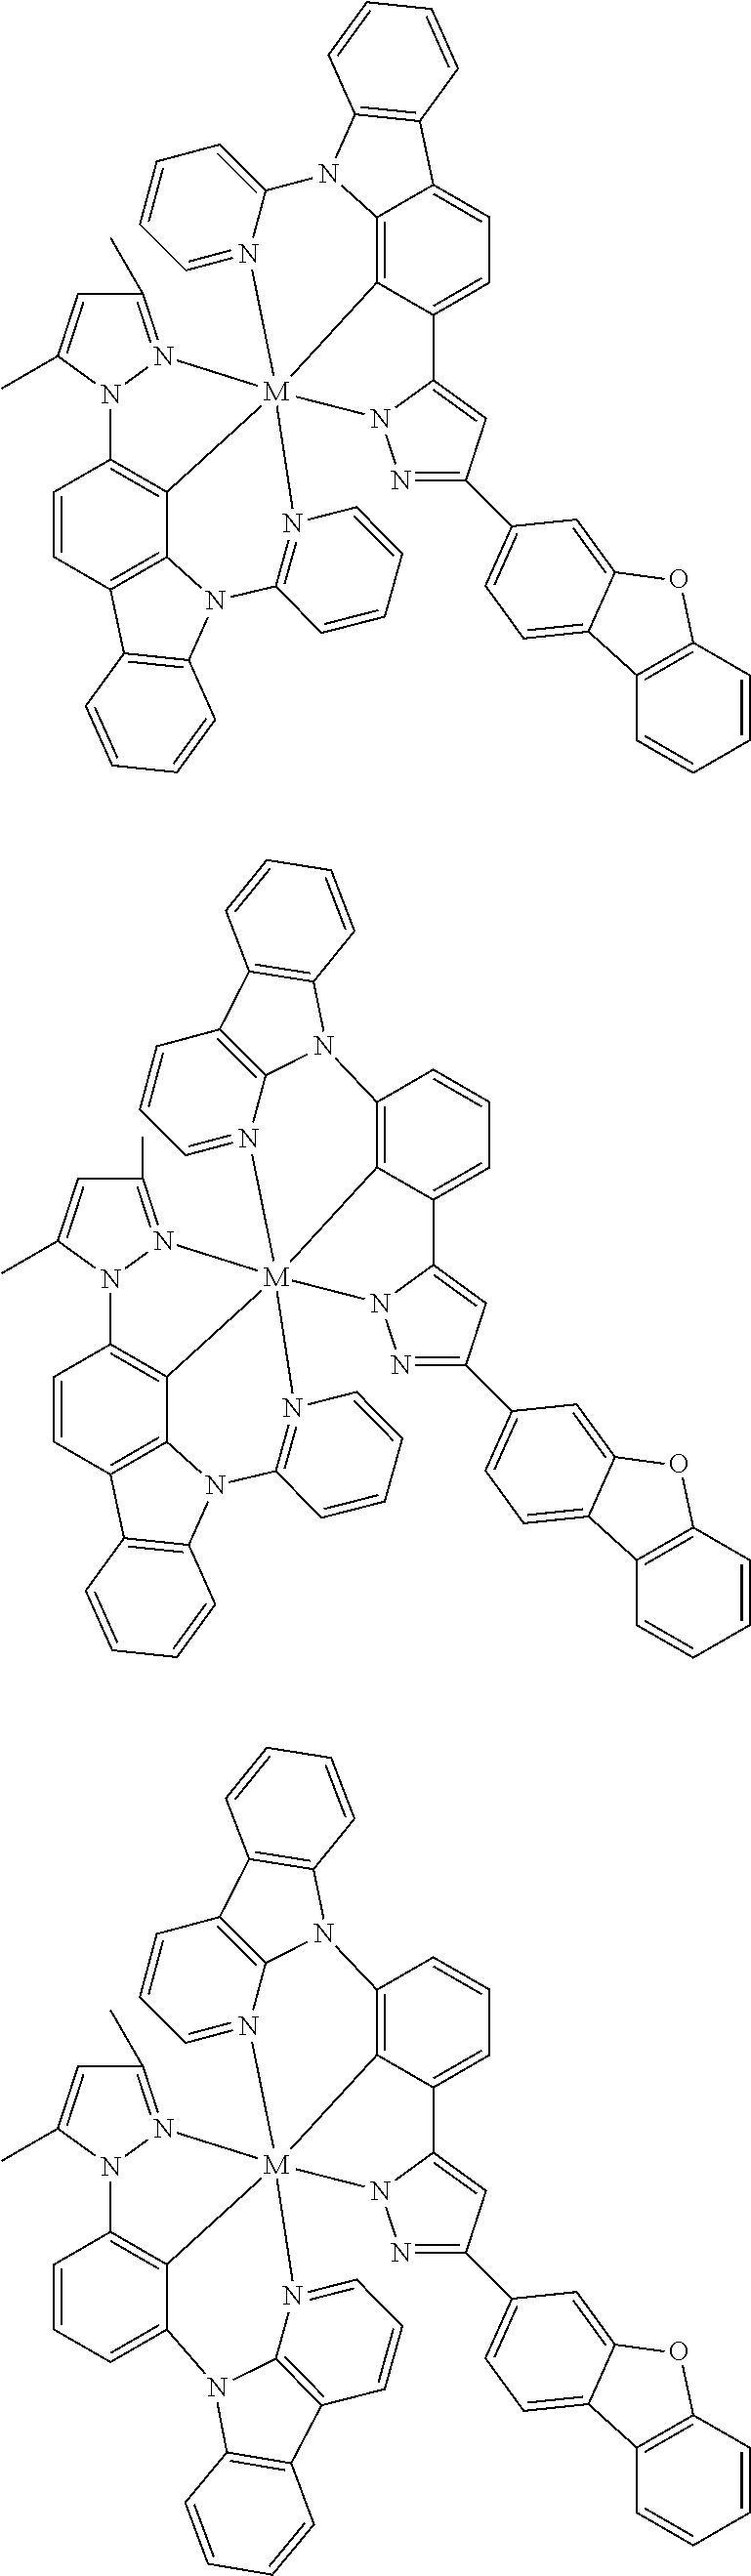 Figure US09818959-20171114-C00281